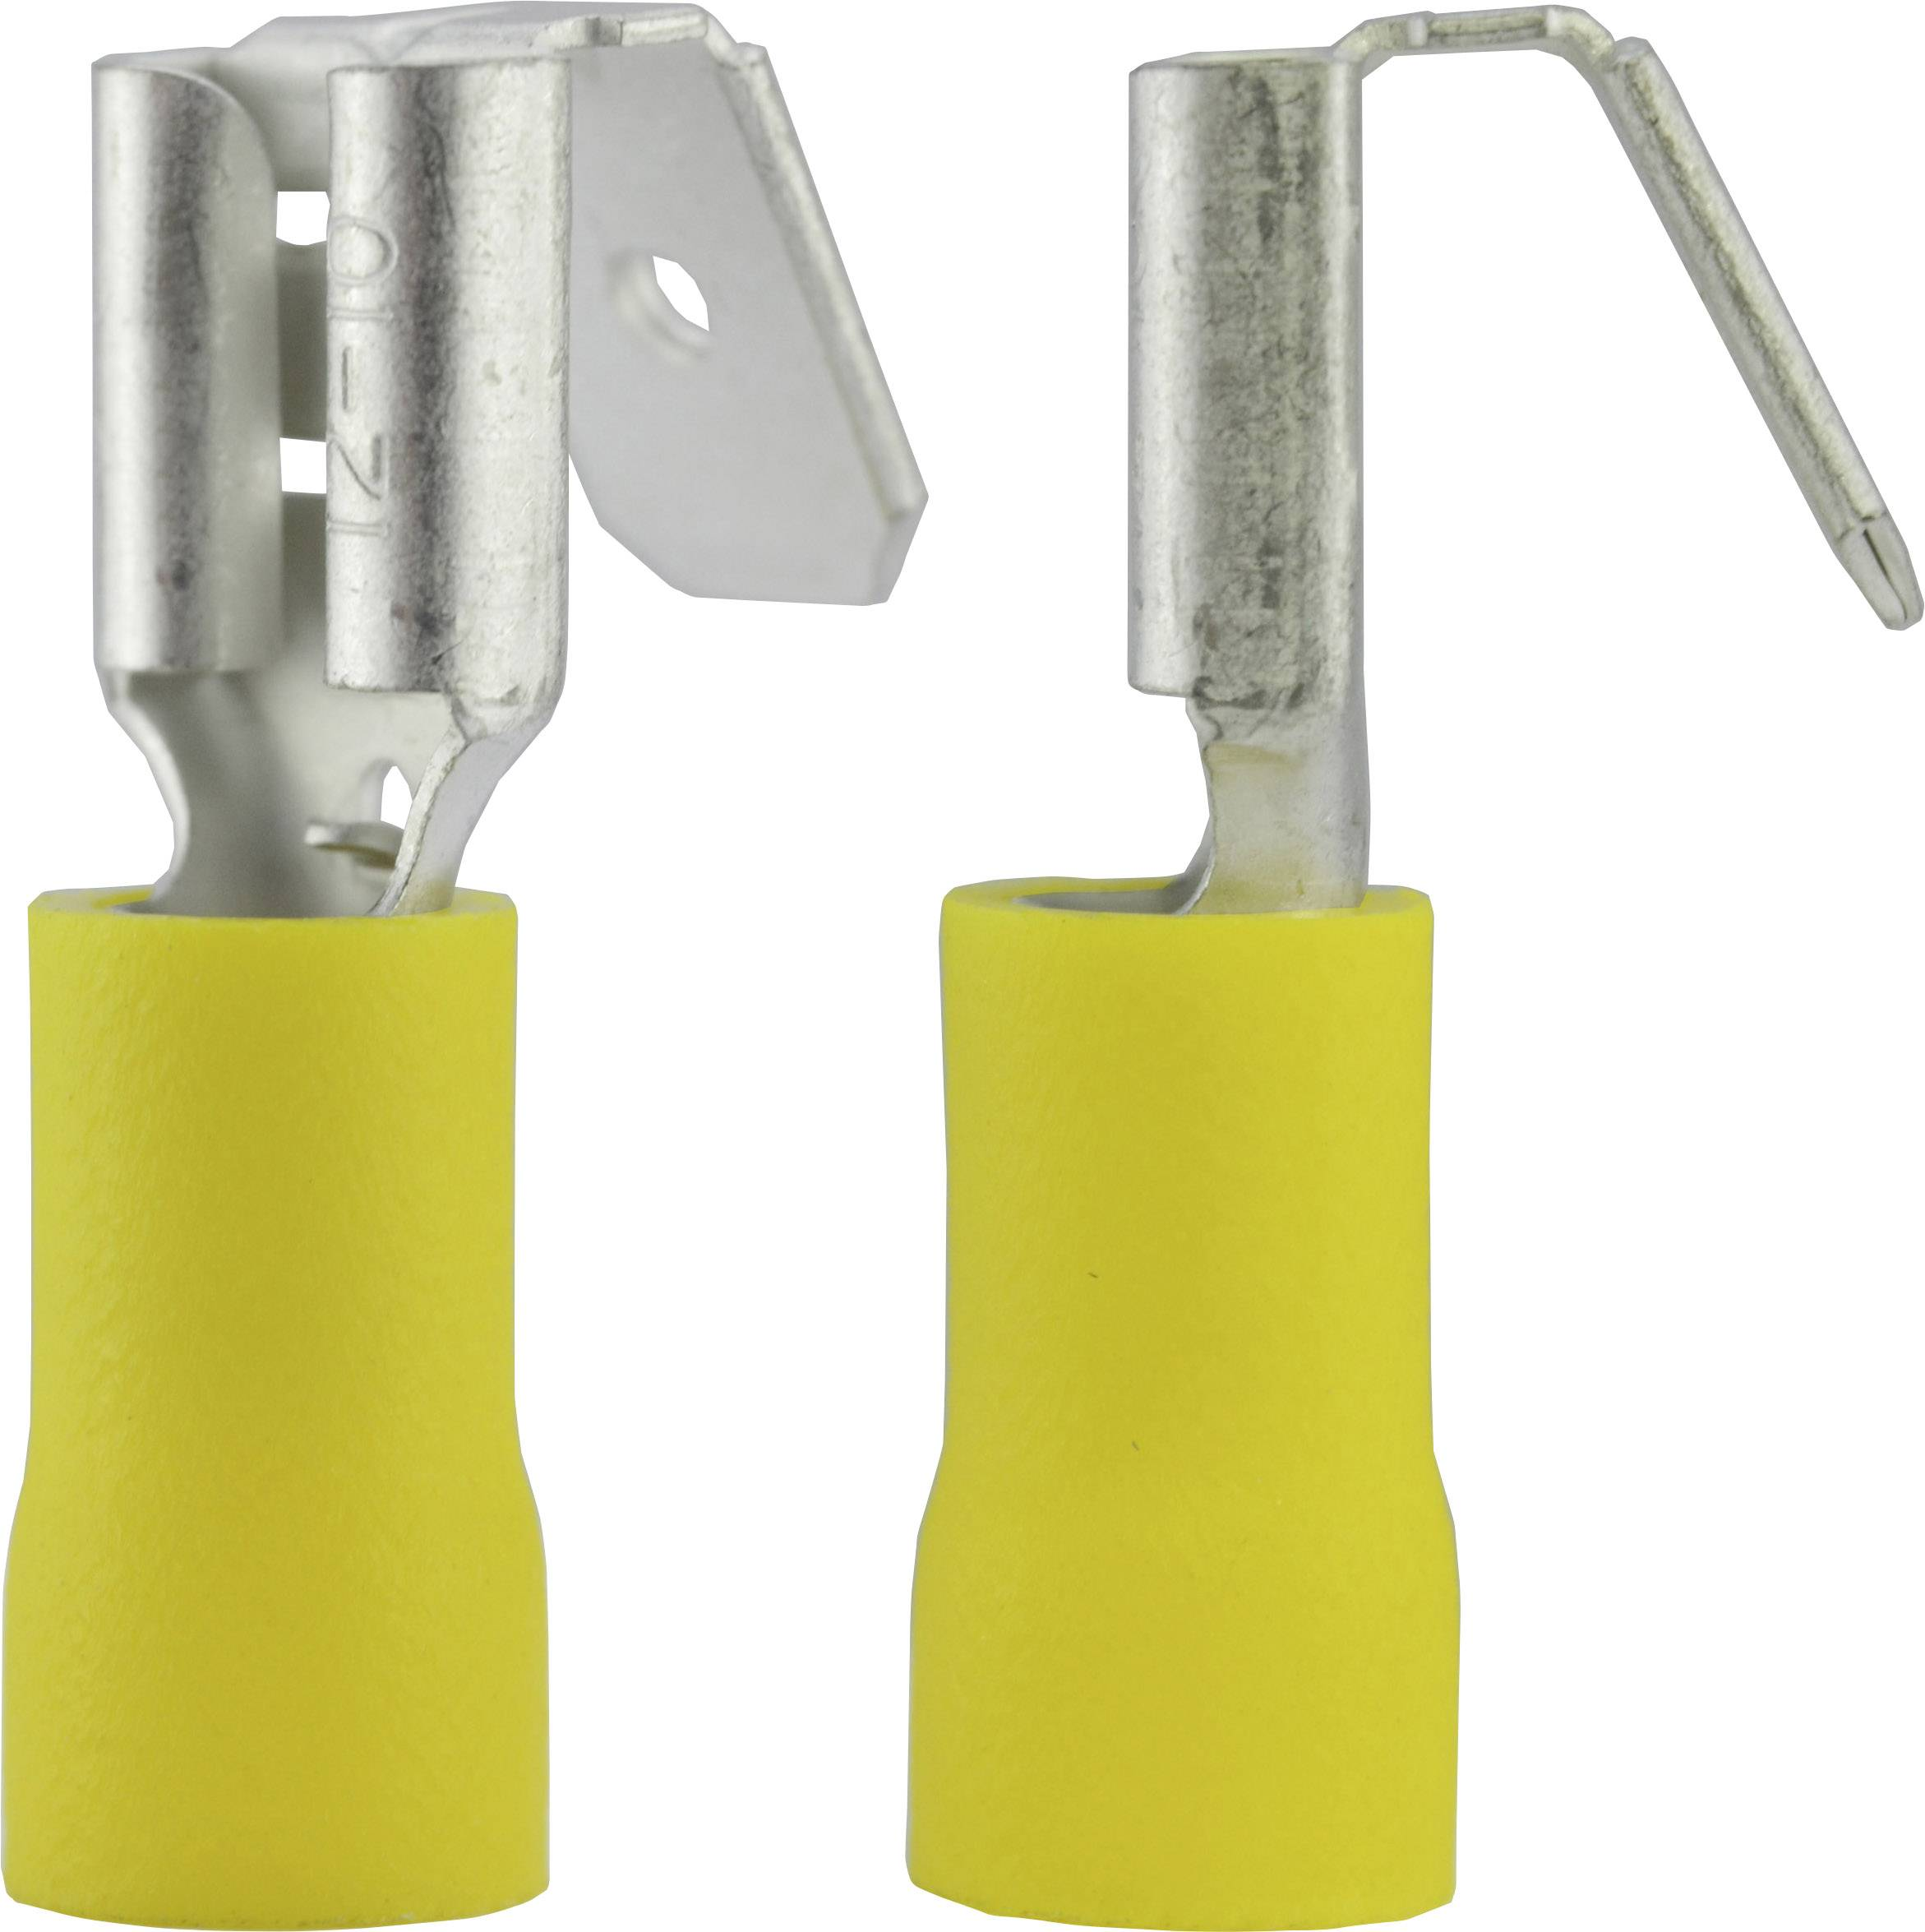 Faston konektor zásuvka Vogt Verbindungstechnik 3933 s vetvením , 6.3 mm x 0.8 mm, 180 °, čiastočne izolované, žltá, 1 ks